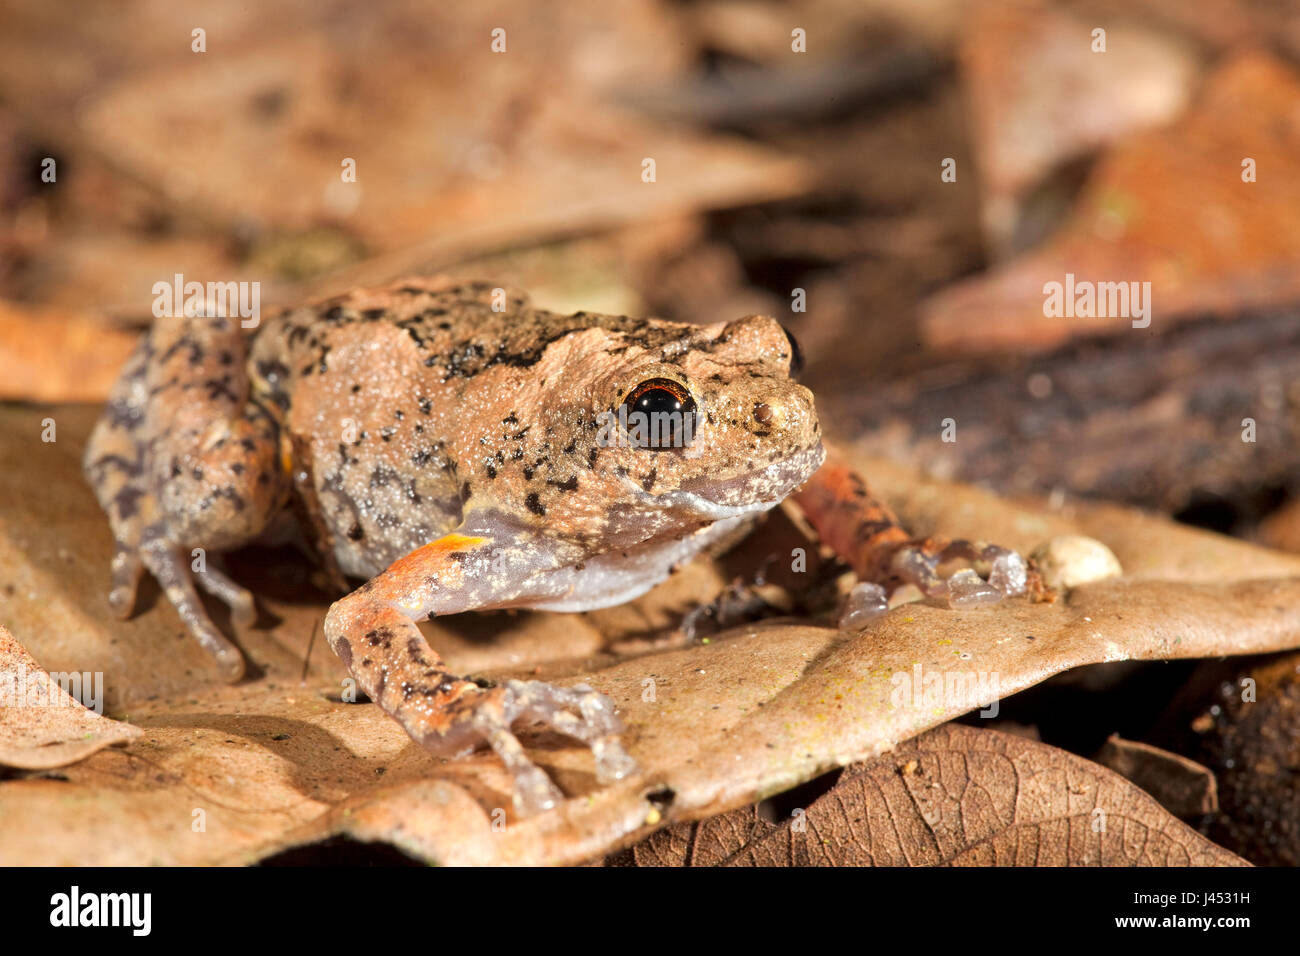 Photo d'un trou d'arbre grenouille, elles pondent leurs œufs dans des trous d'arbres, les hommes appel Photo Stock